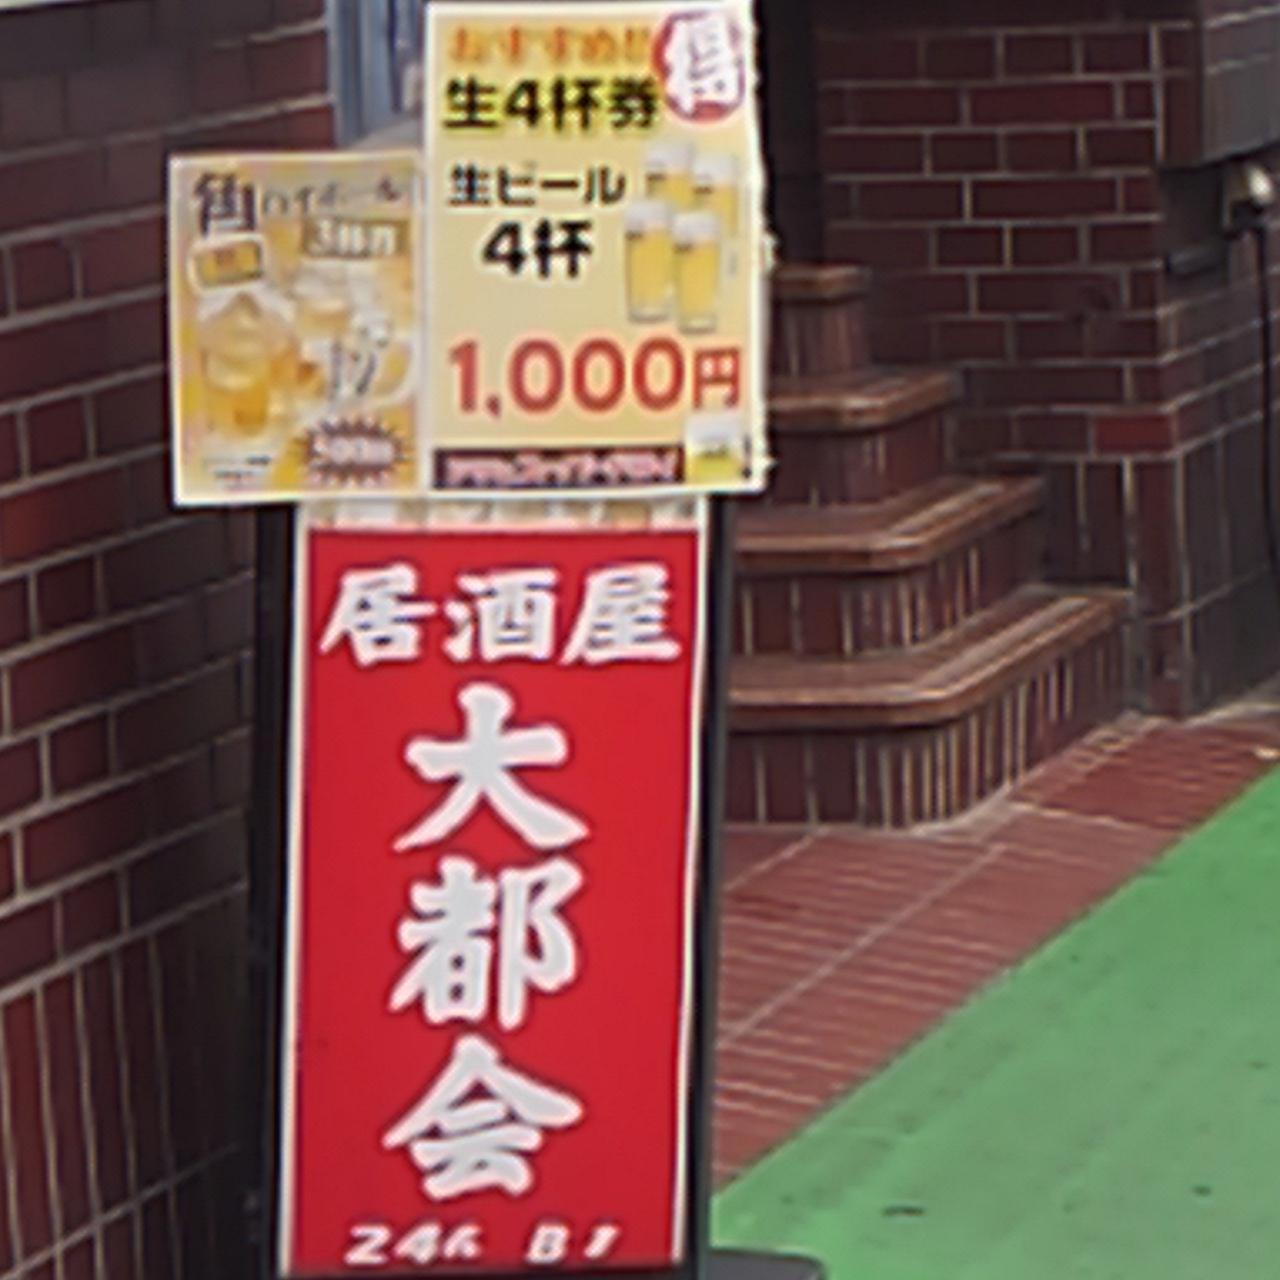 【池袋】大都会 200円250円のアテが豊富! ここを知らないのはモグリ?